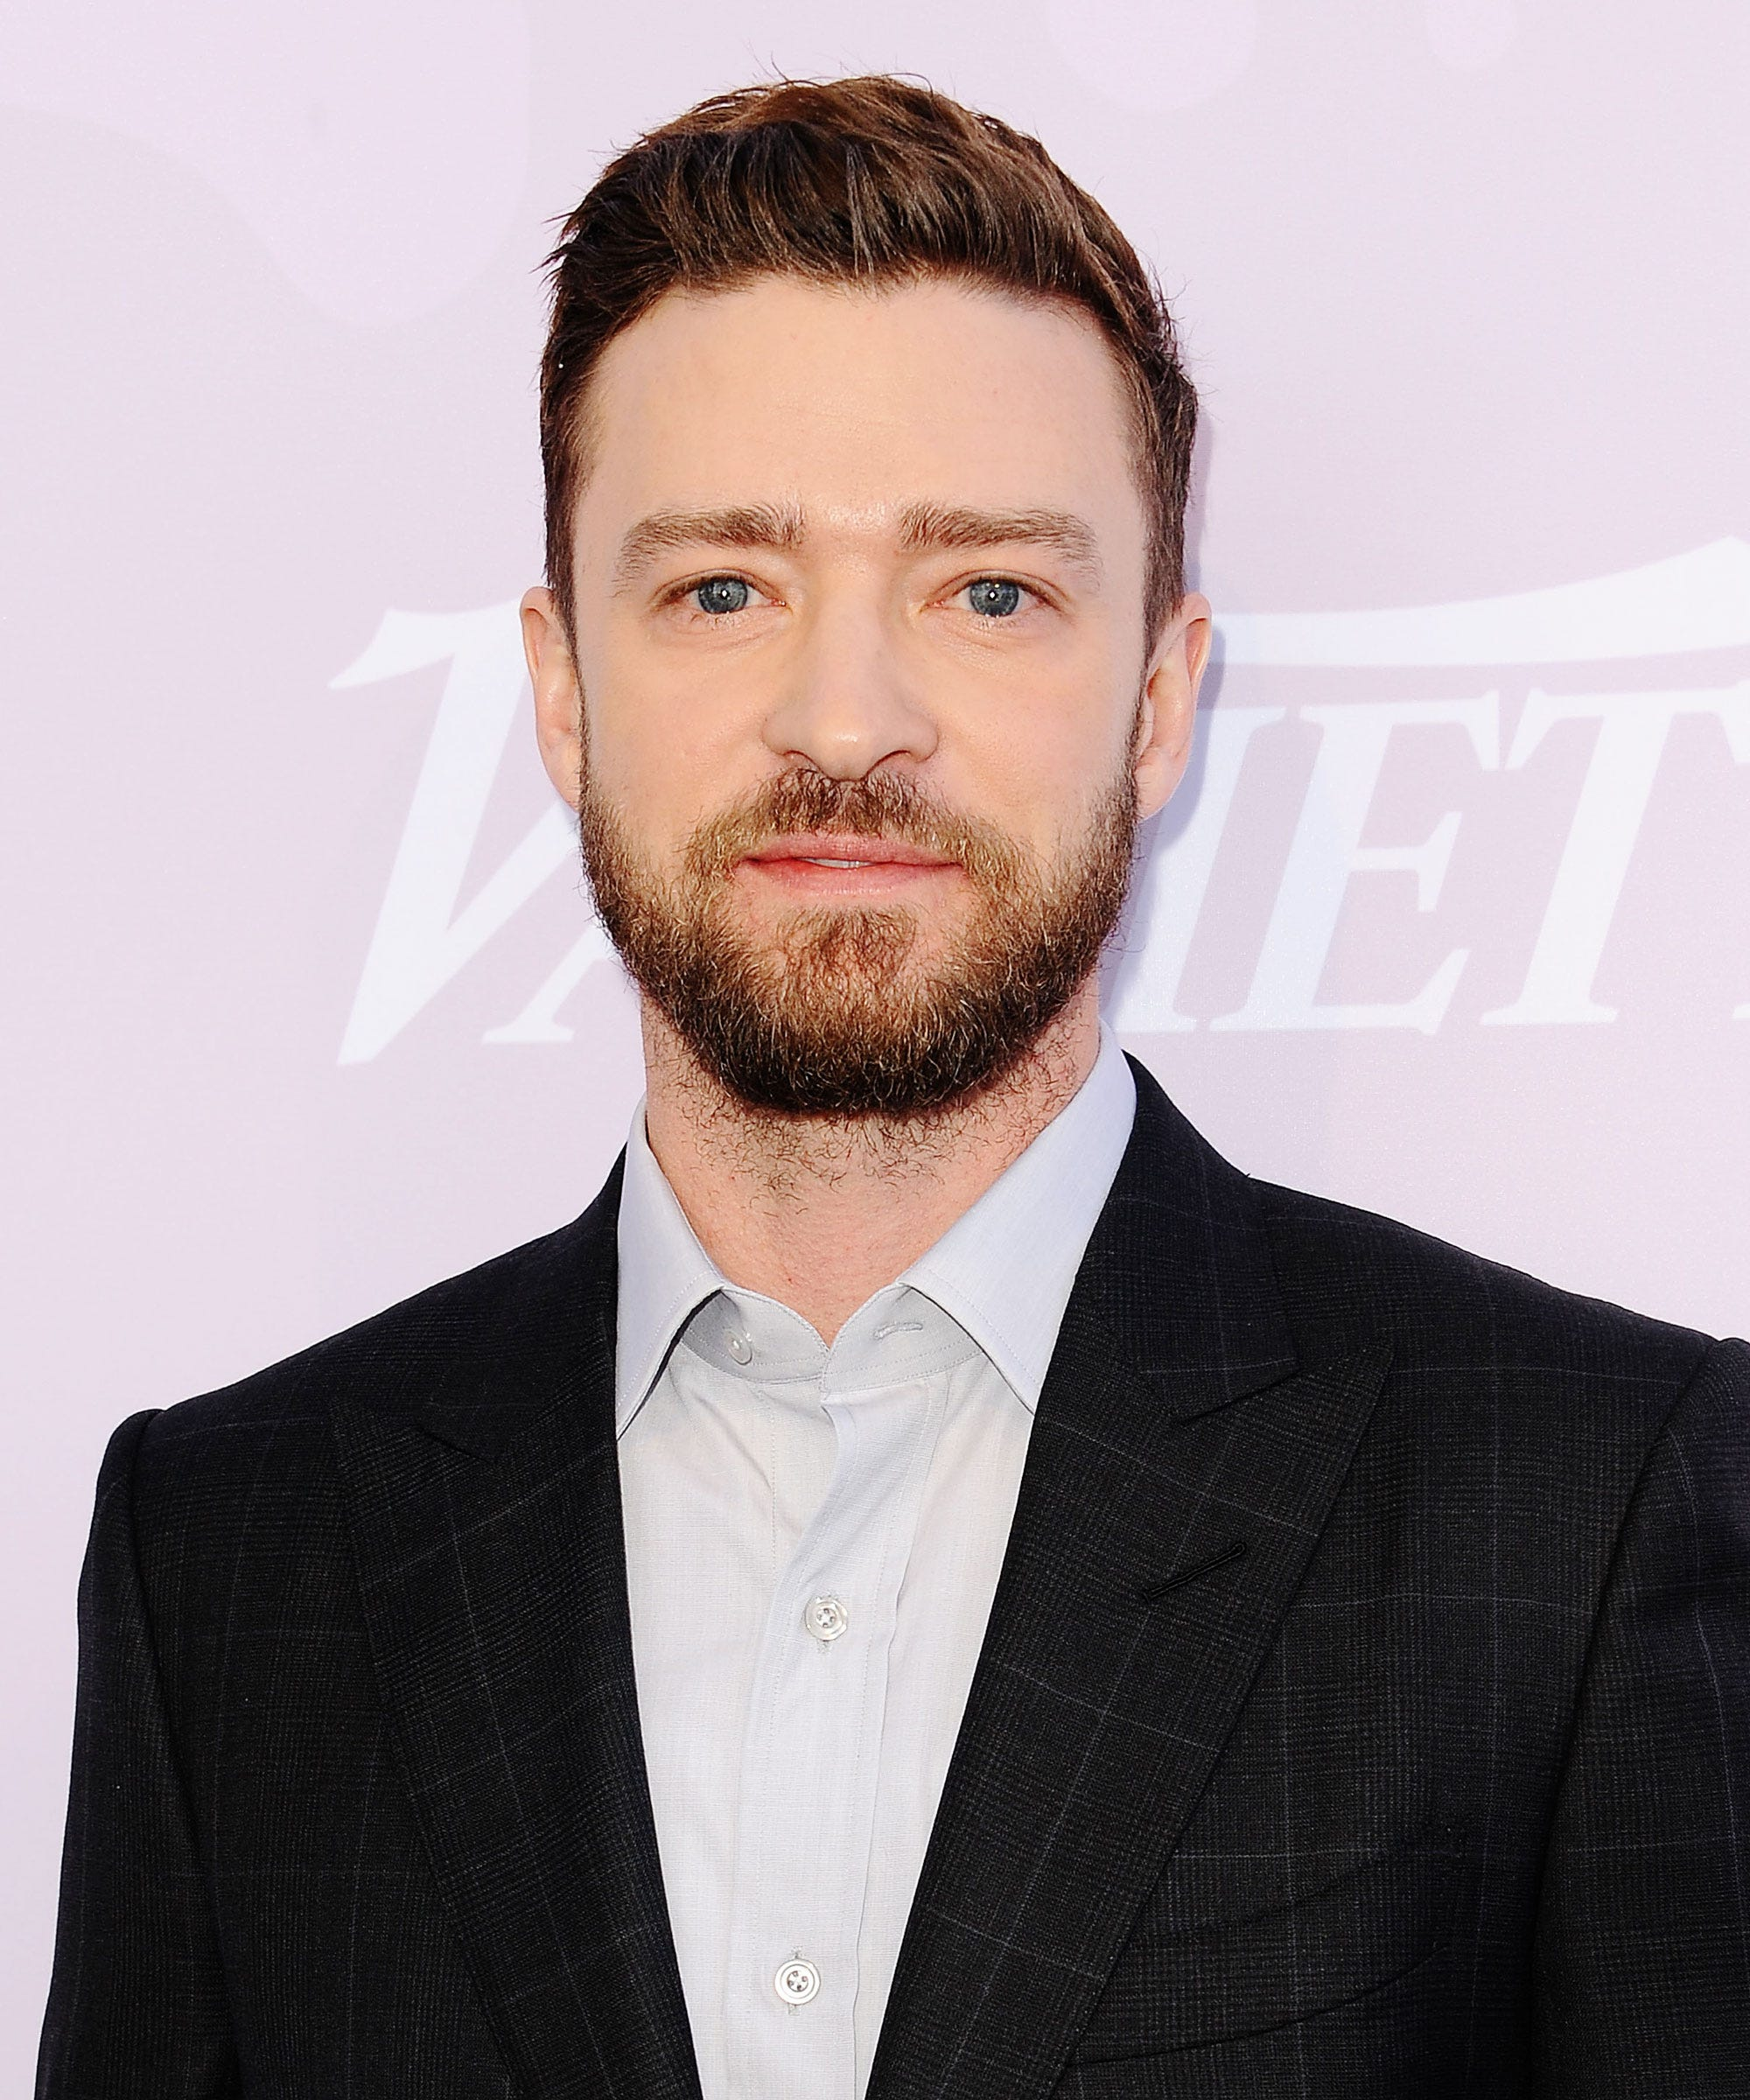 Justin Timberlake Hairstyle 2016 Hair